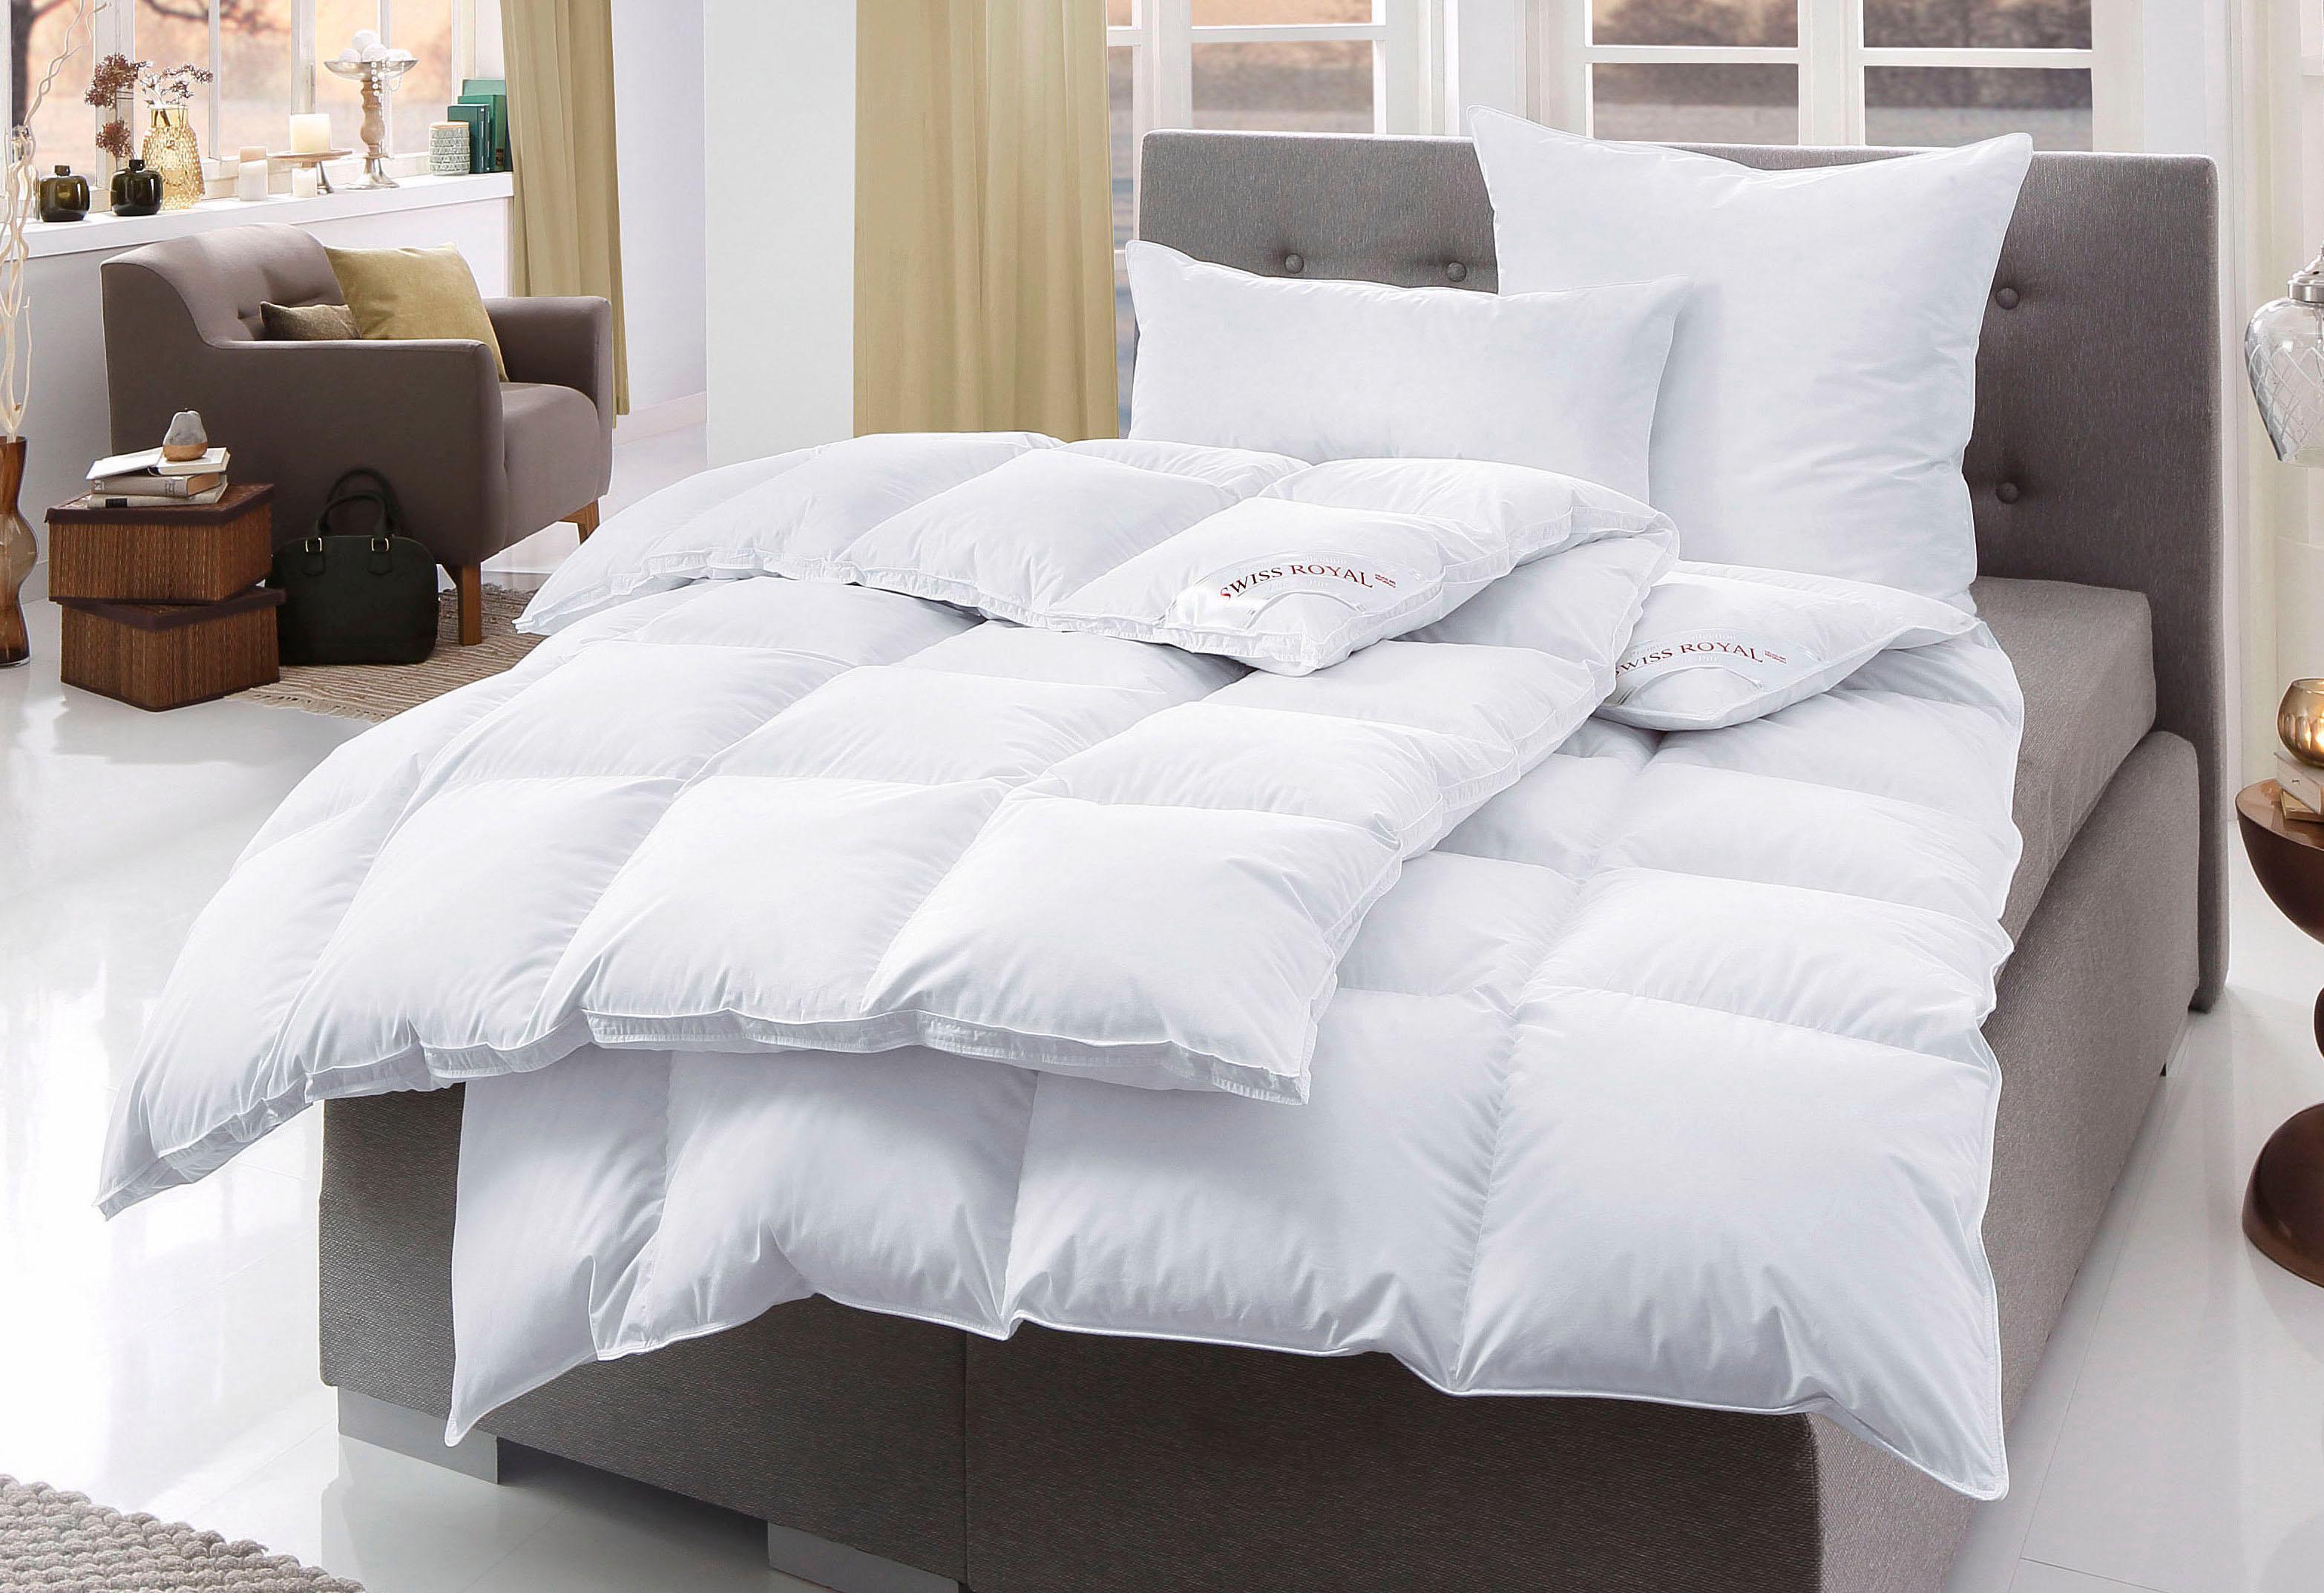 Daunenbettdecke Swiss Royal Haeussling Extrawarm Fullung 90 Daunen 10 Federn Bezug 100 Baumwolle Kaufen Baur